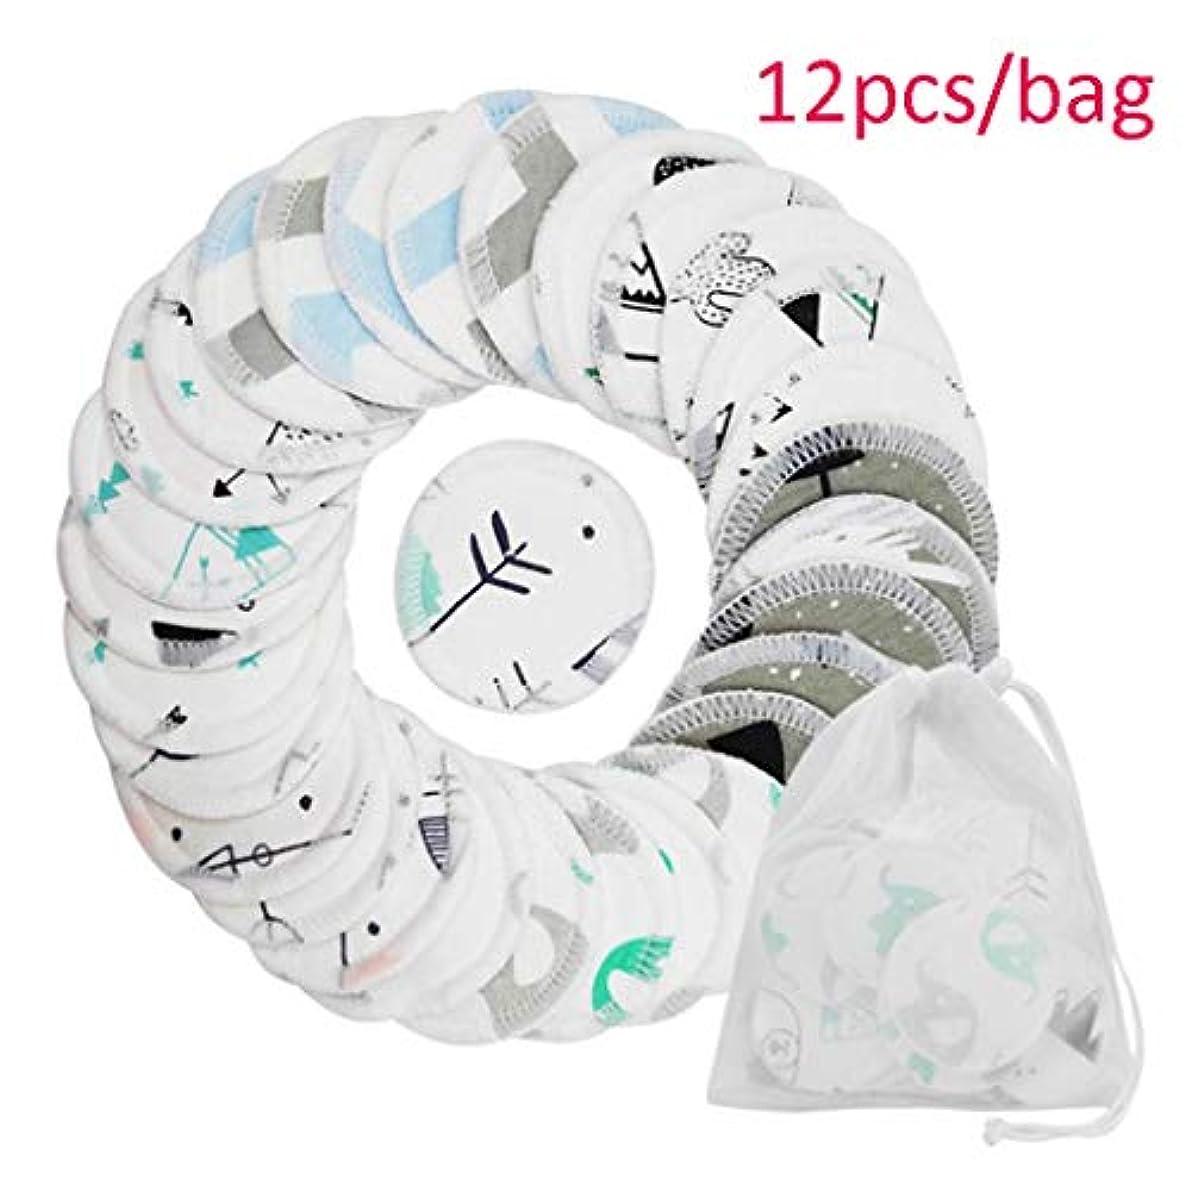 前提条件入る北方クレンジングシート 再利用可能な洗濯布パッド3層洗える綿ソフトメイクアップリムーバー布用女性の女の子化粧道具 (Color : White, サイズ : A(12pcs/bag))